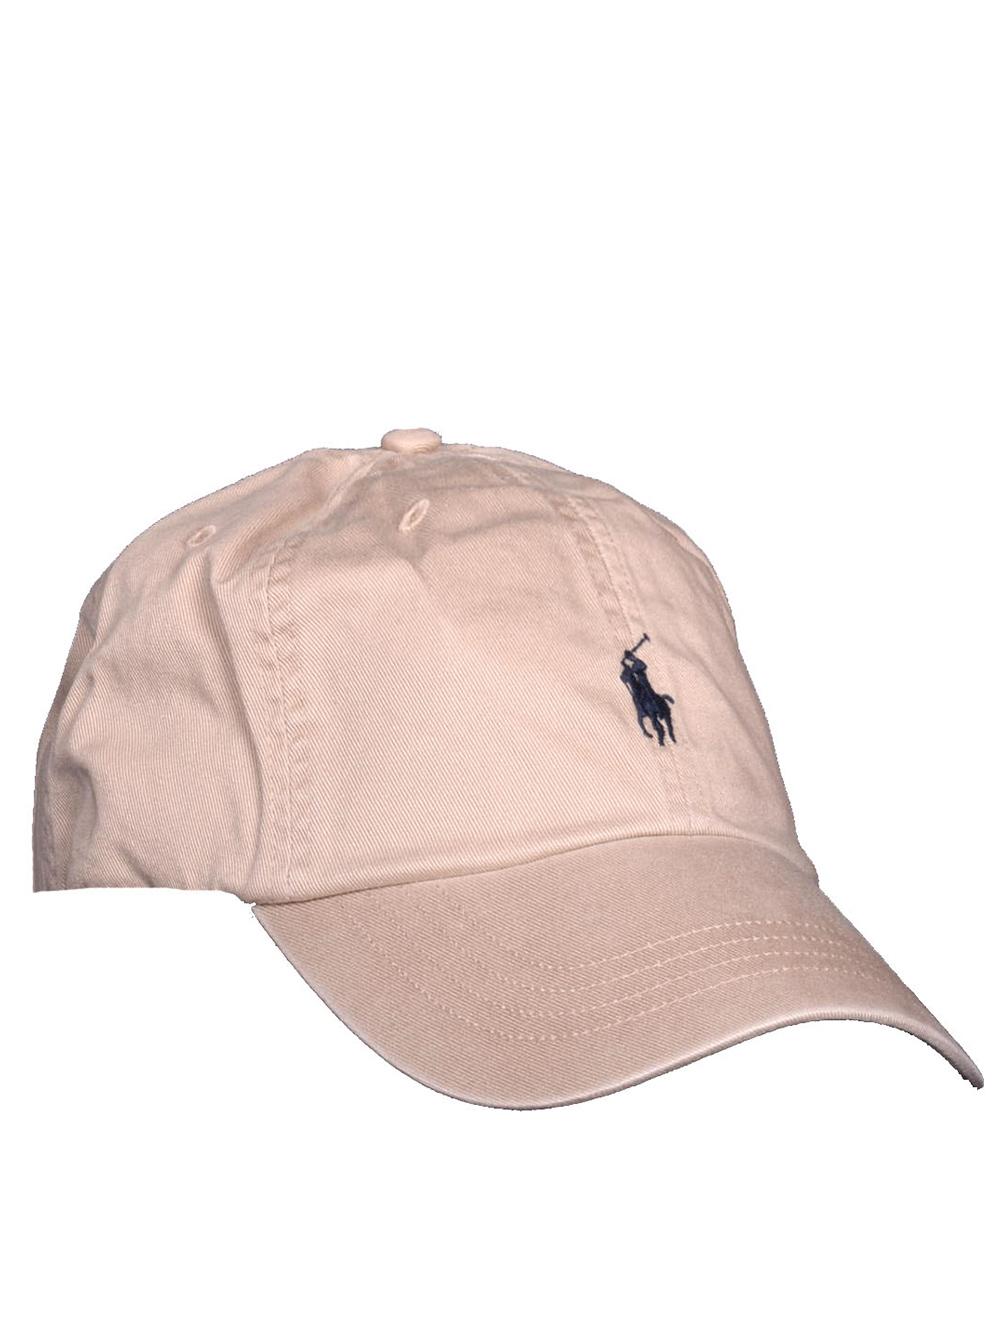 POLO RALPH LAUREN Καπέλο jockey 710548524005 ΜΠΕΖ